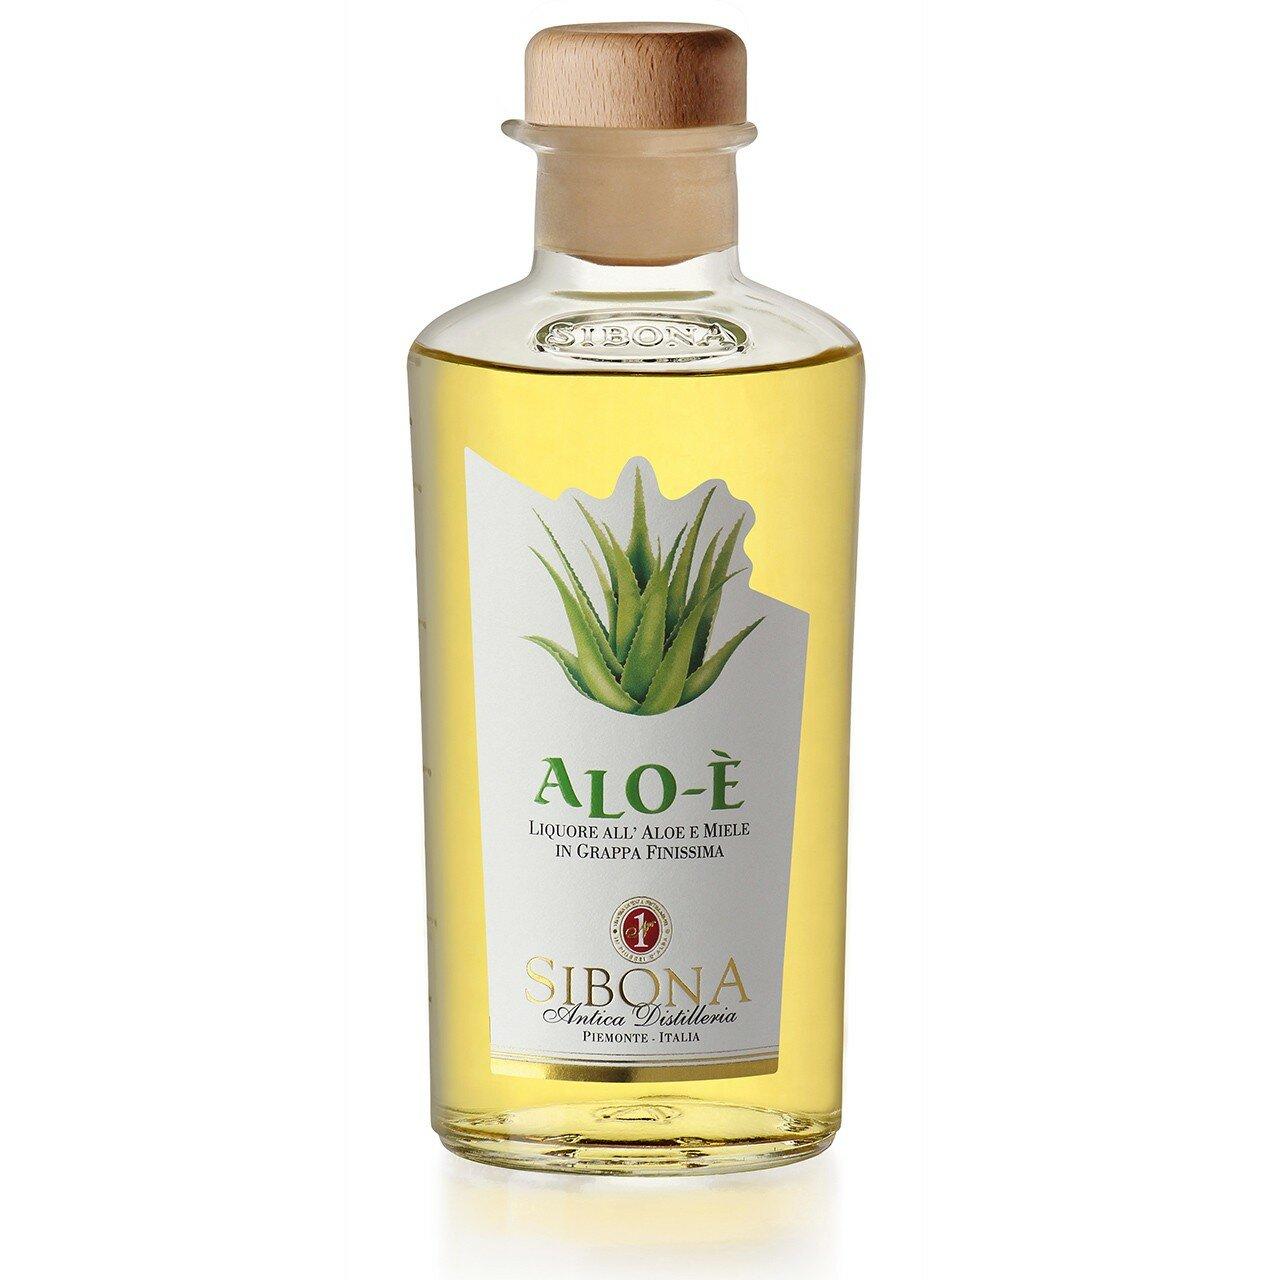 ALO'è (Aloe & Miele in Grappa Finissima)